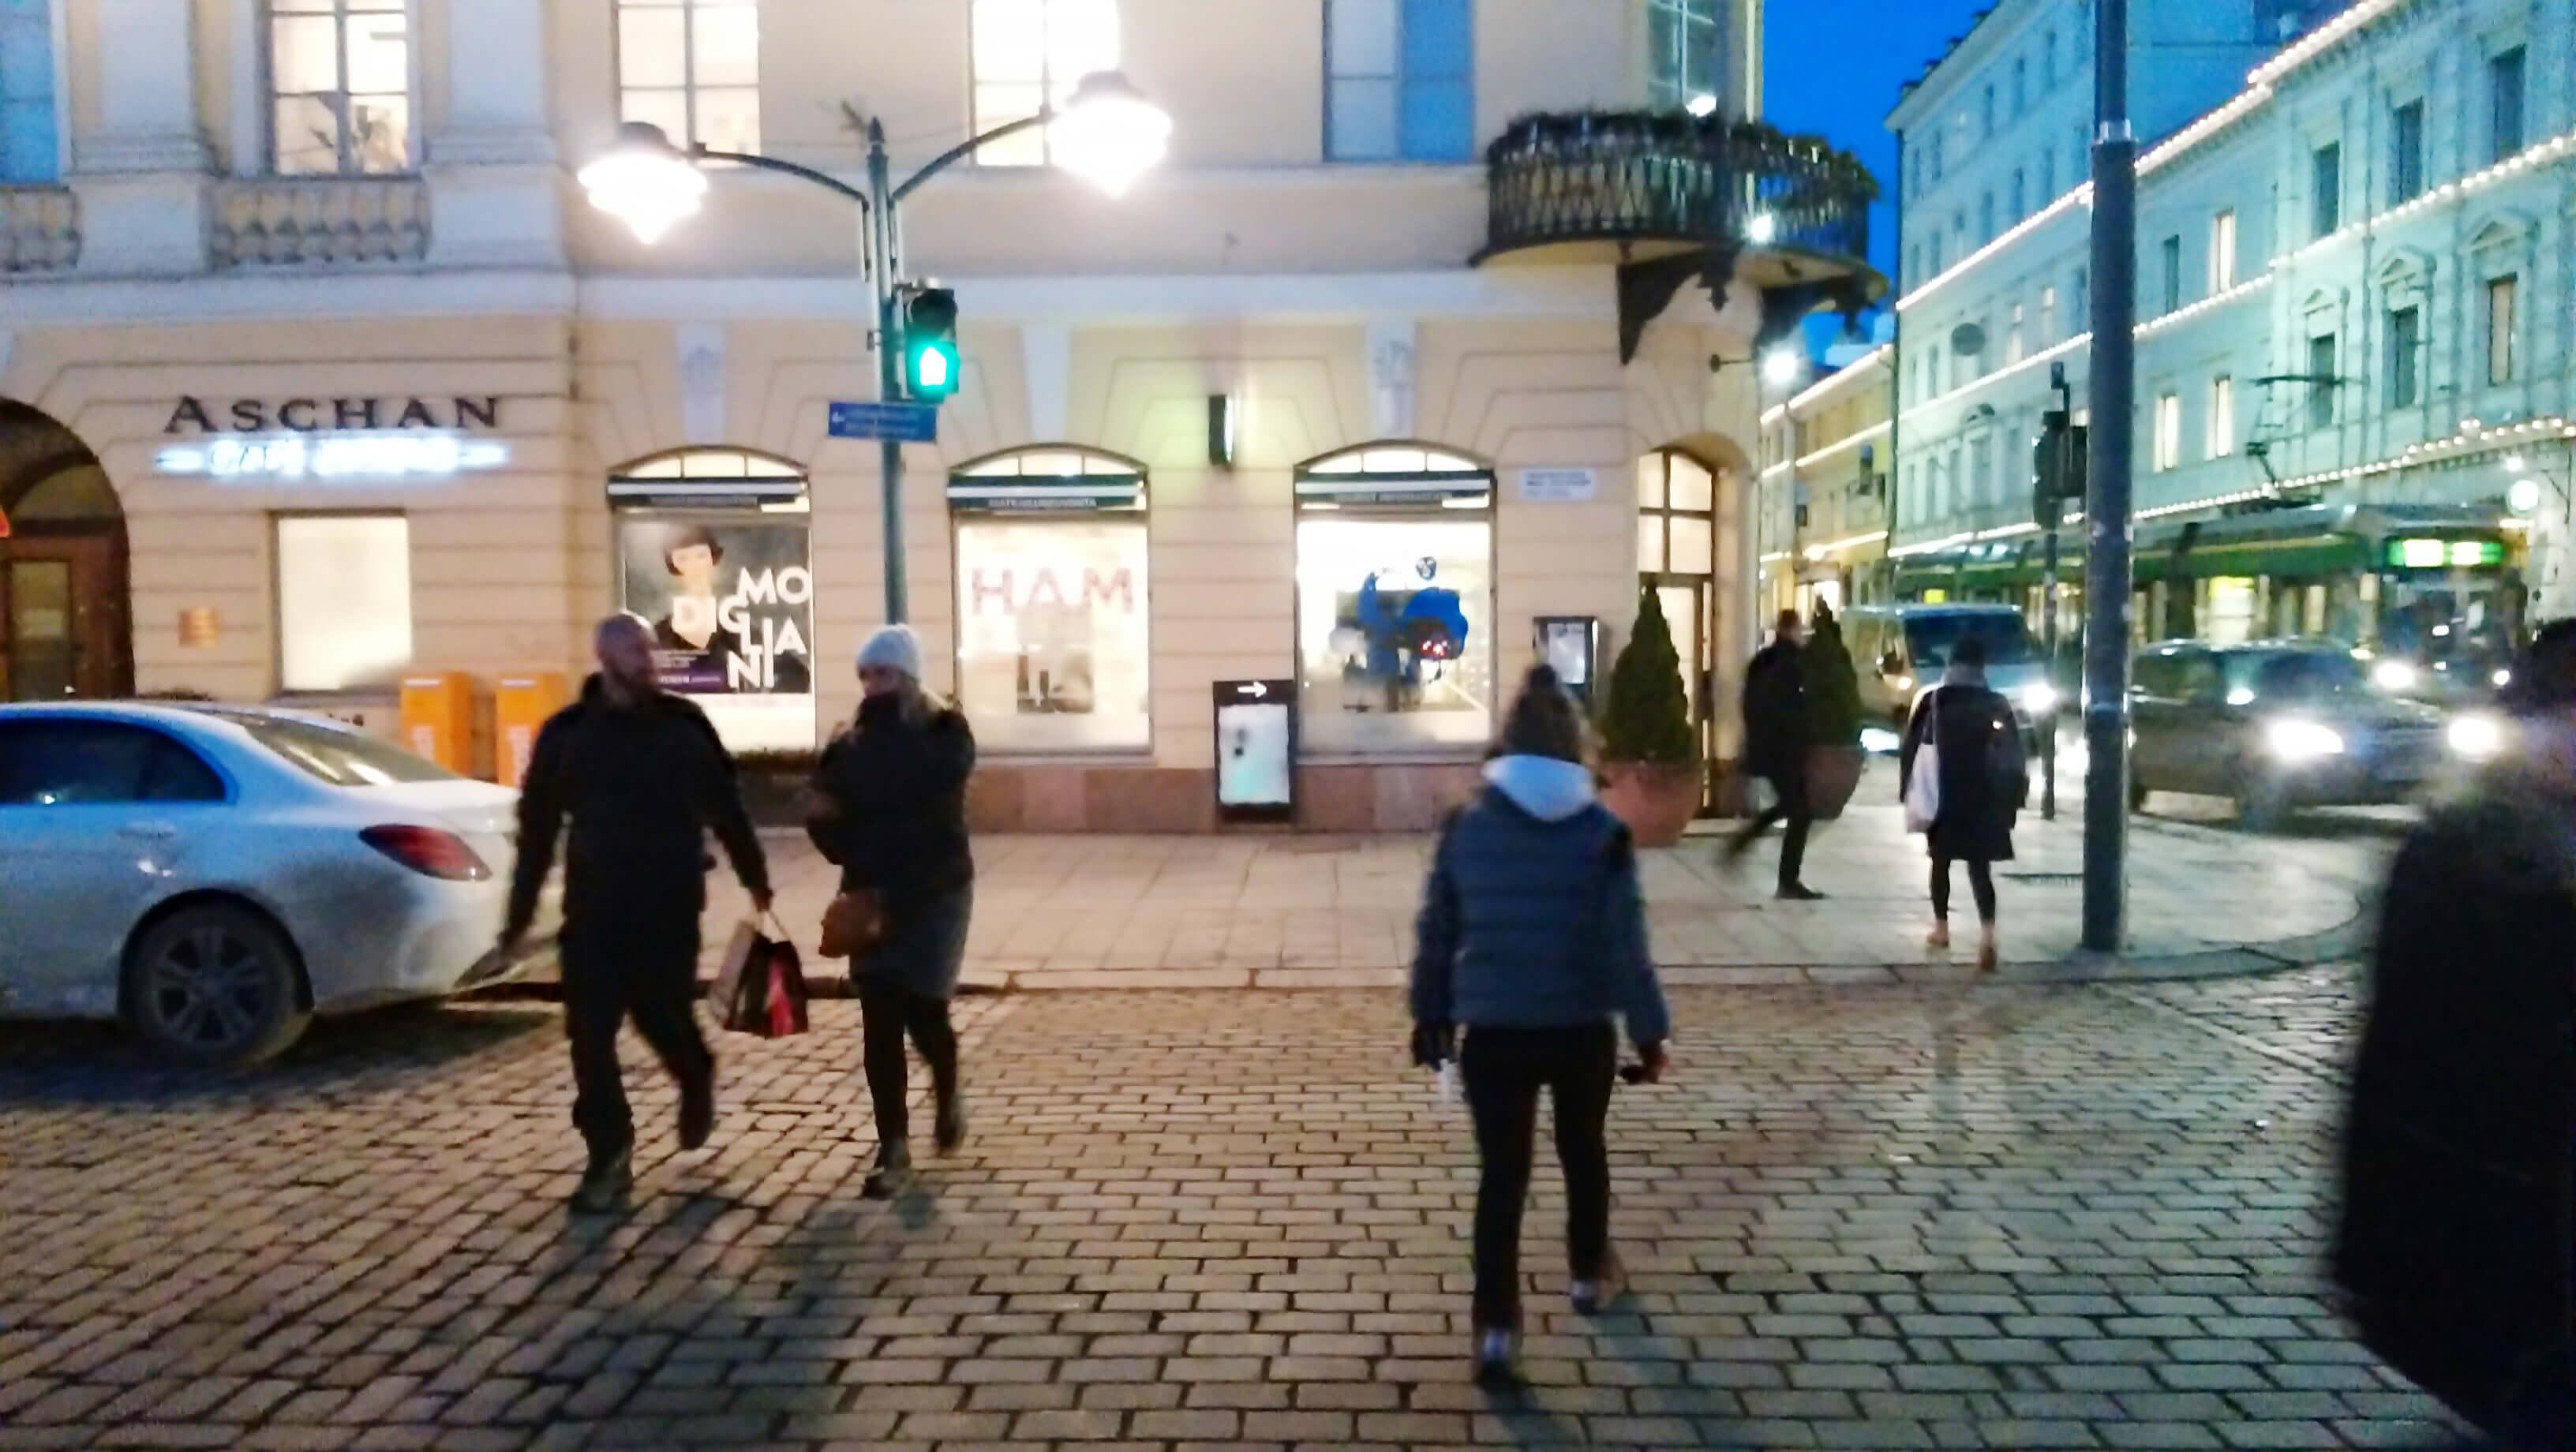 ヘルシンキ中心街の観光案内所の外観